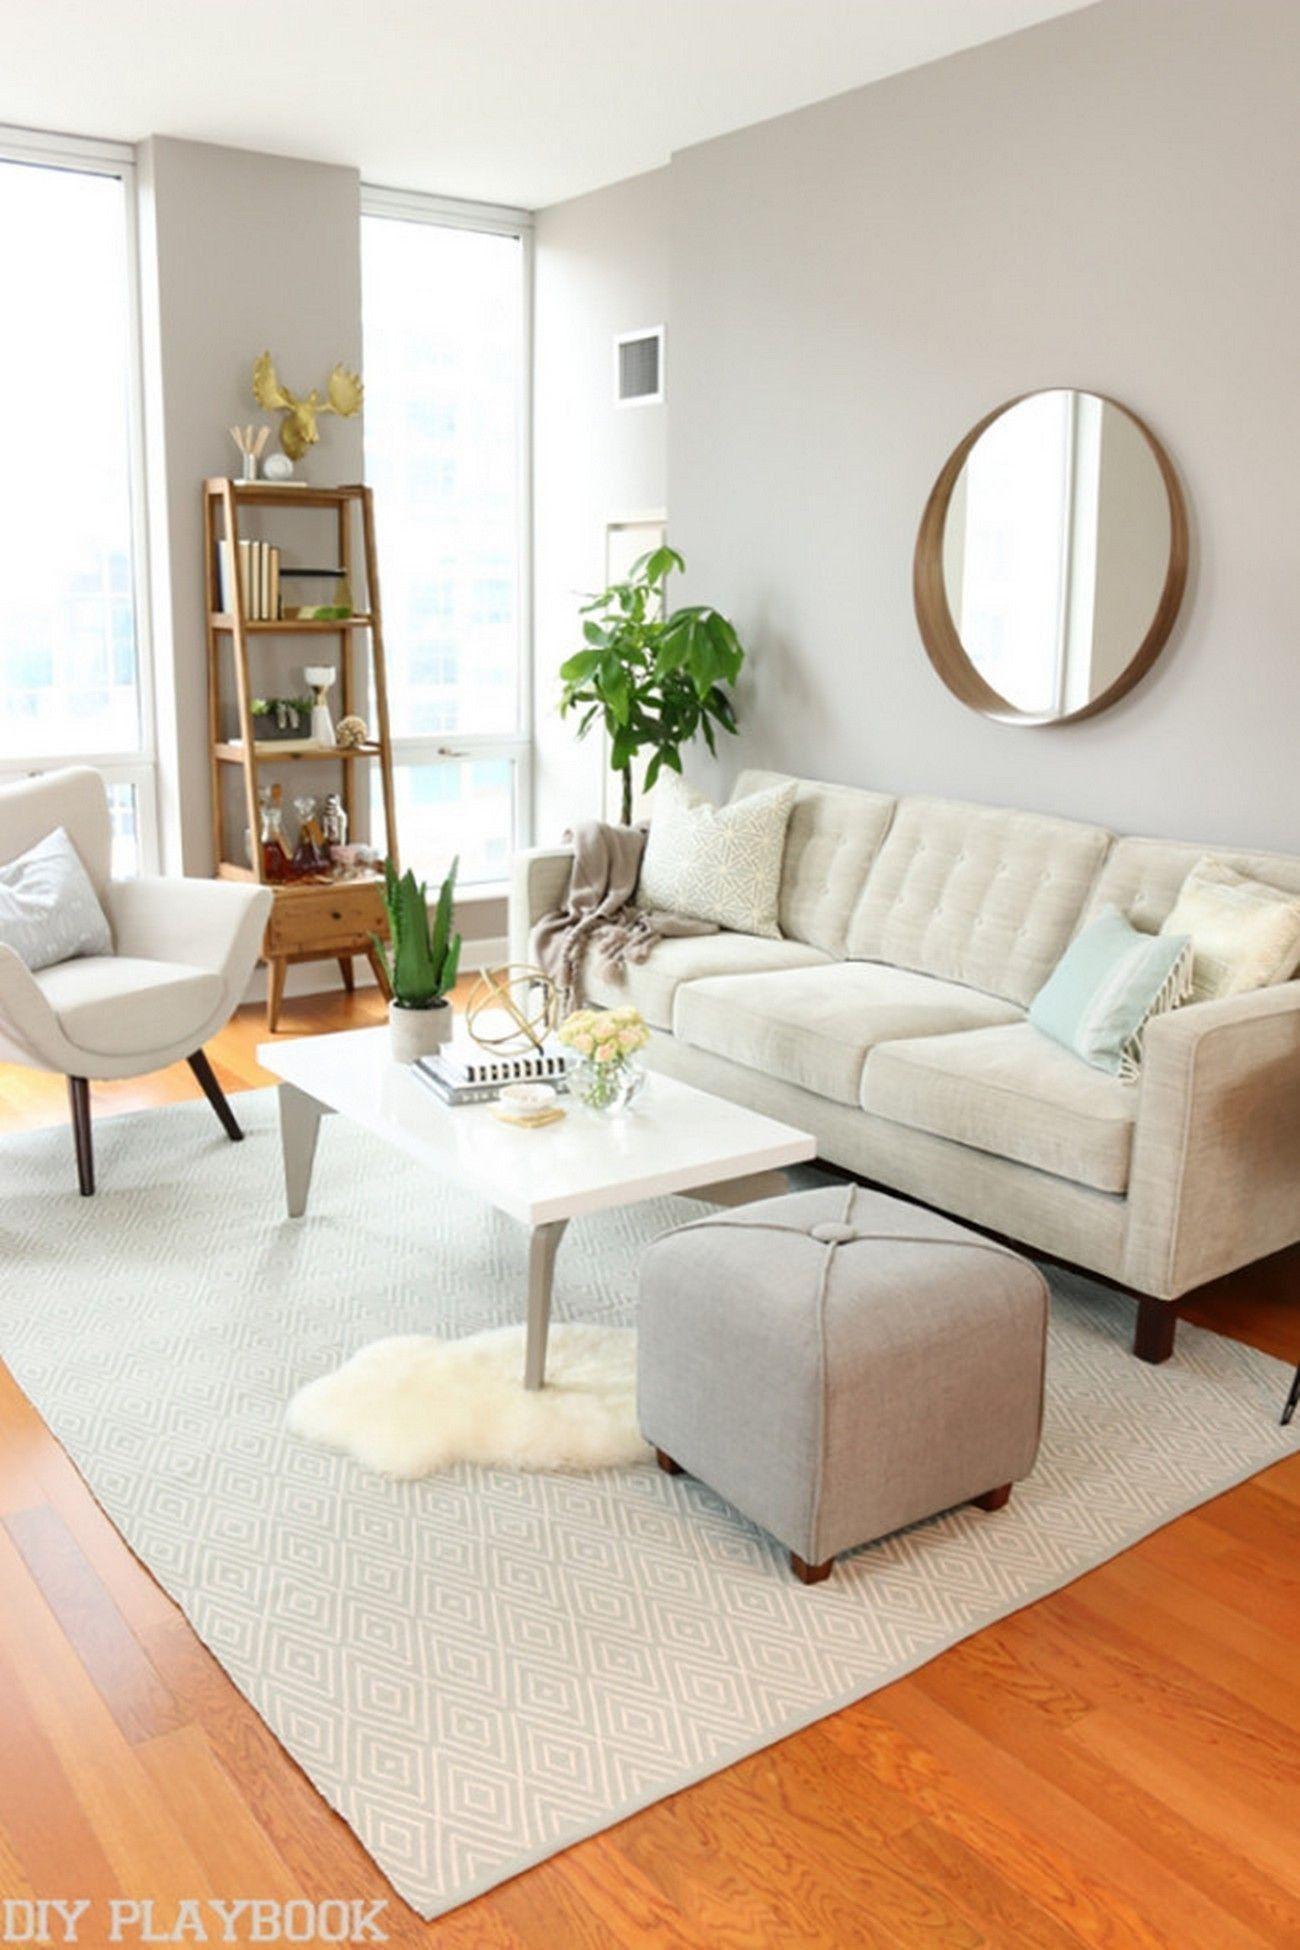 20 Small Condo Living Room Ideas 40 Top Apartment Decorating Rental Livingro En 2020 Decoracion De Interiores Decoracion De Interiores Departamentos Decoracion De Unas